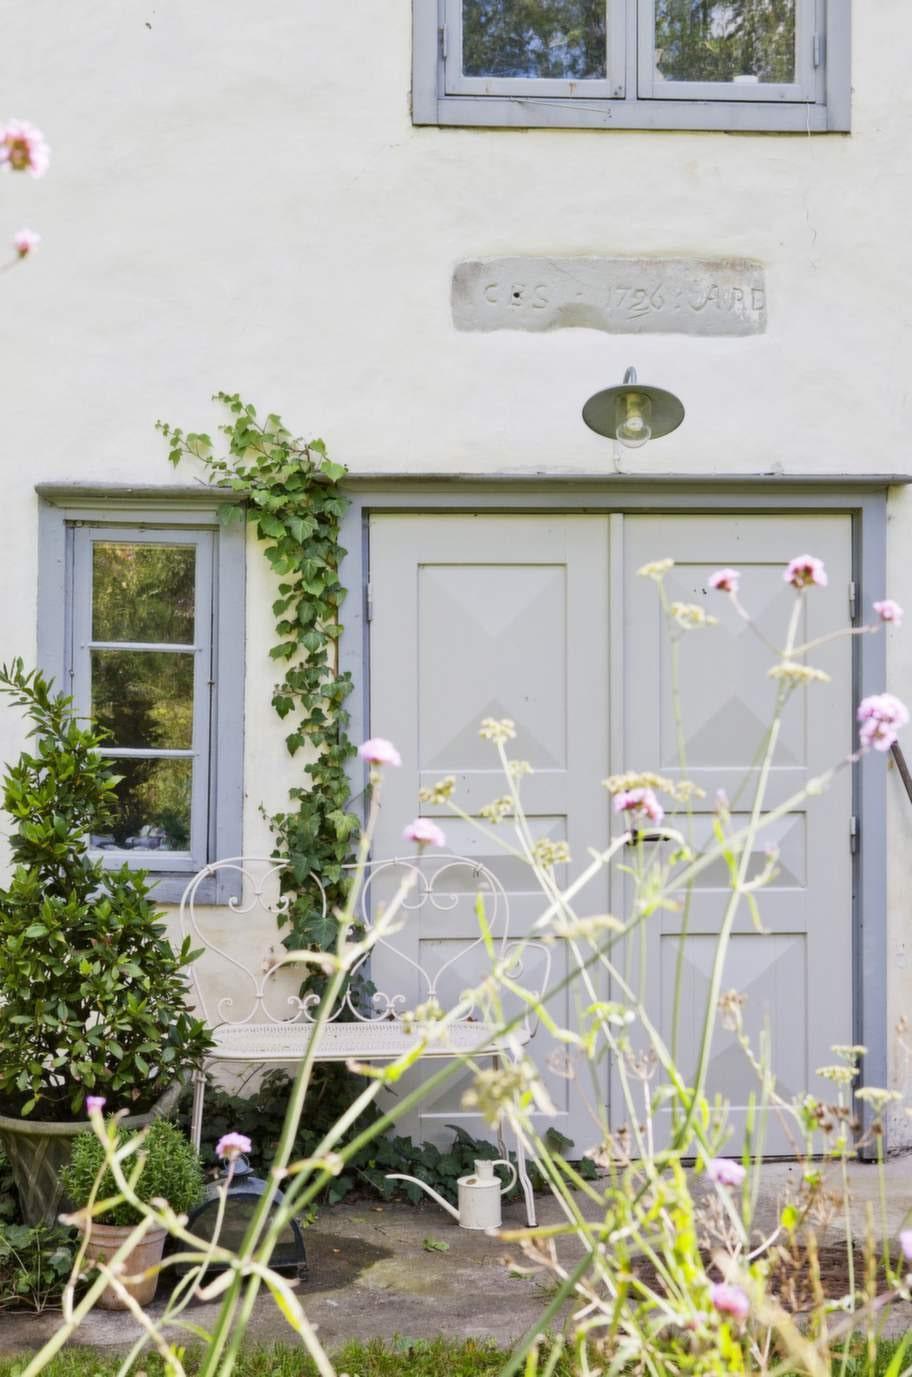 Fönster och dörrar på den gotländska gården är målade i en vacker blågrå färg.